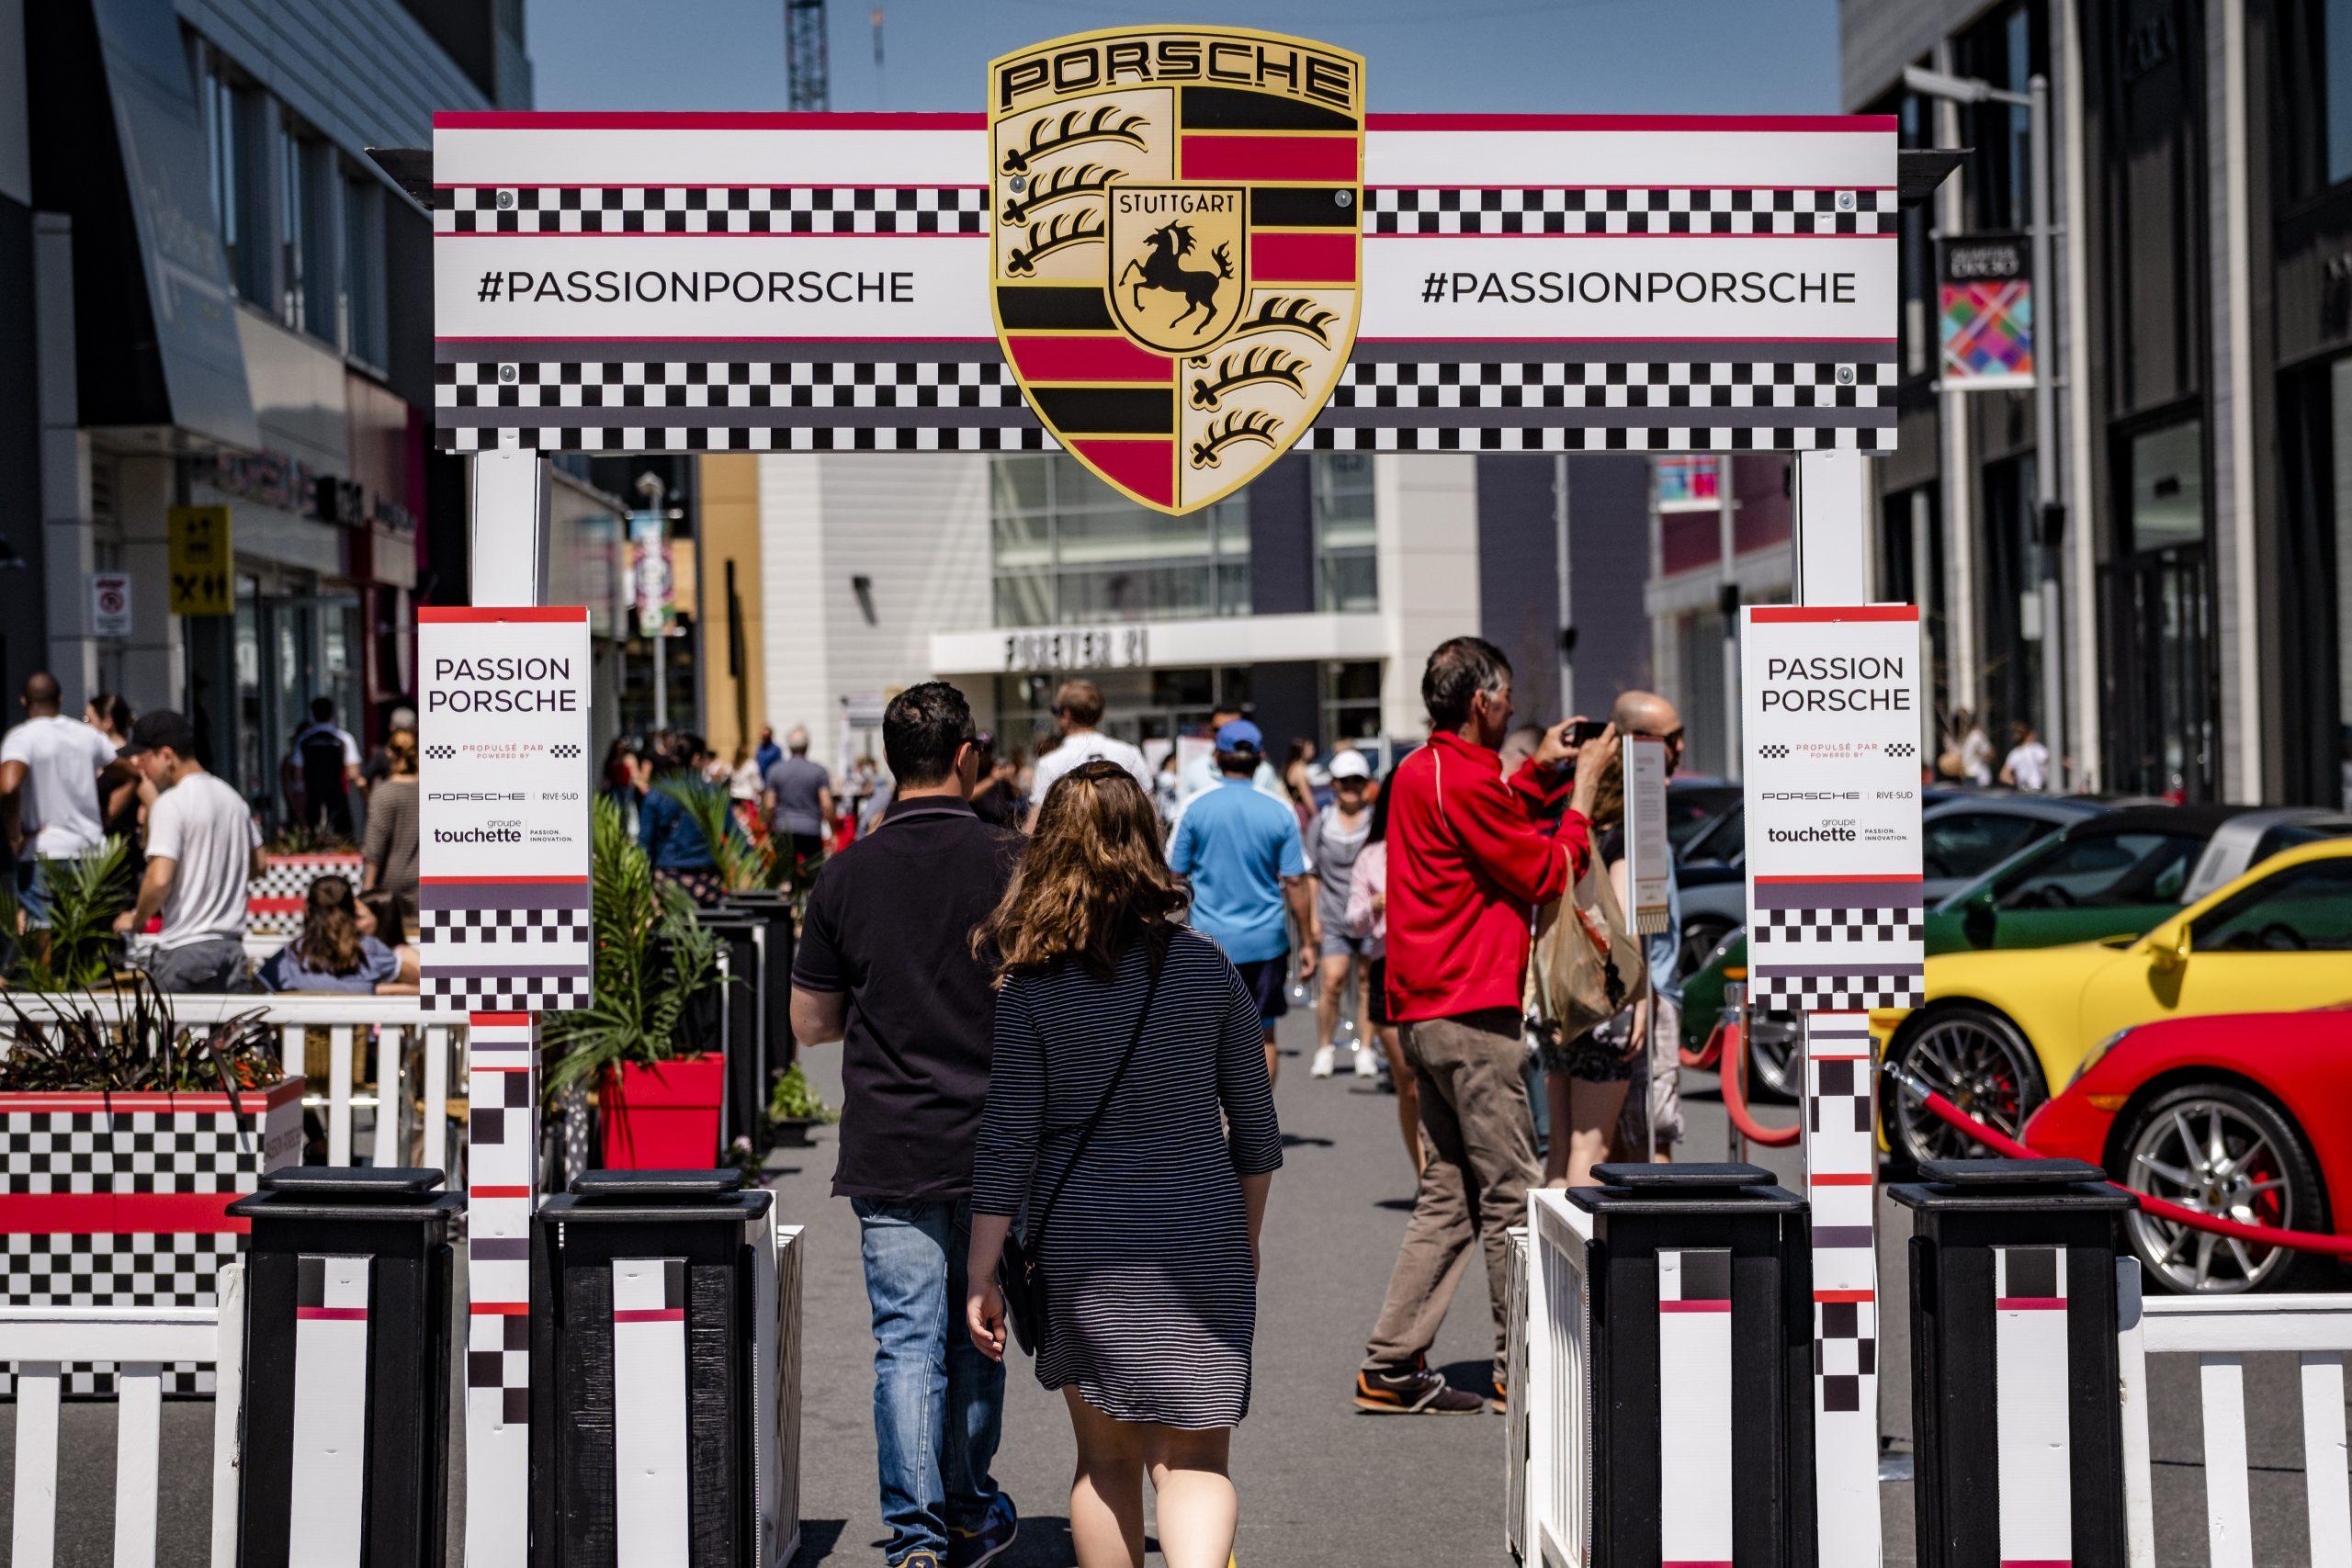 Porsche exposition.